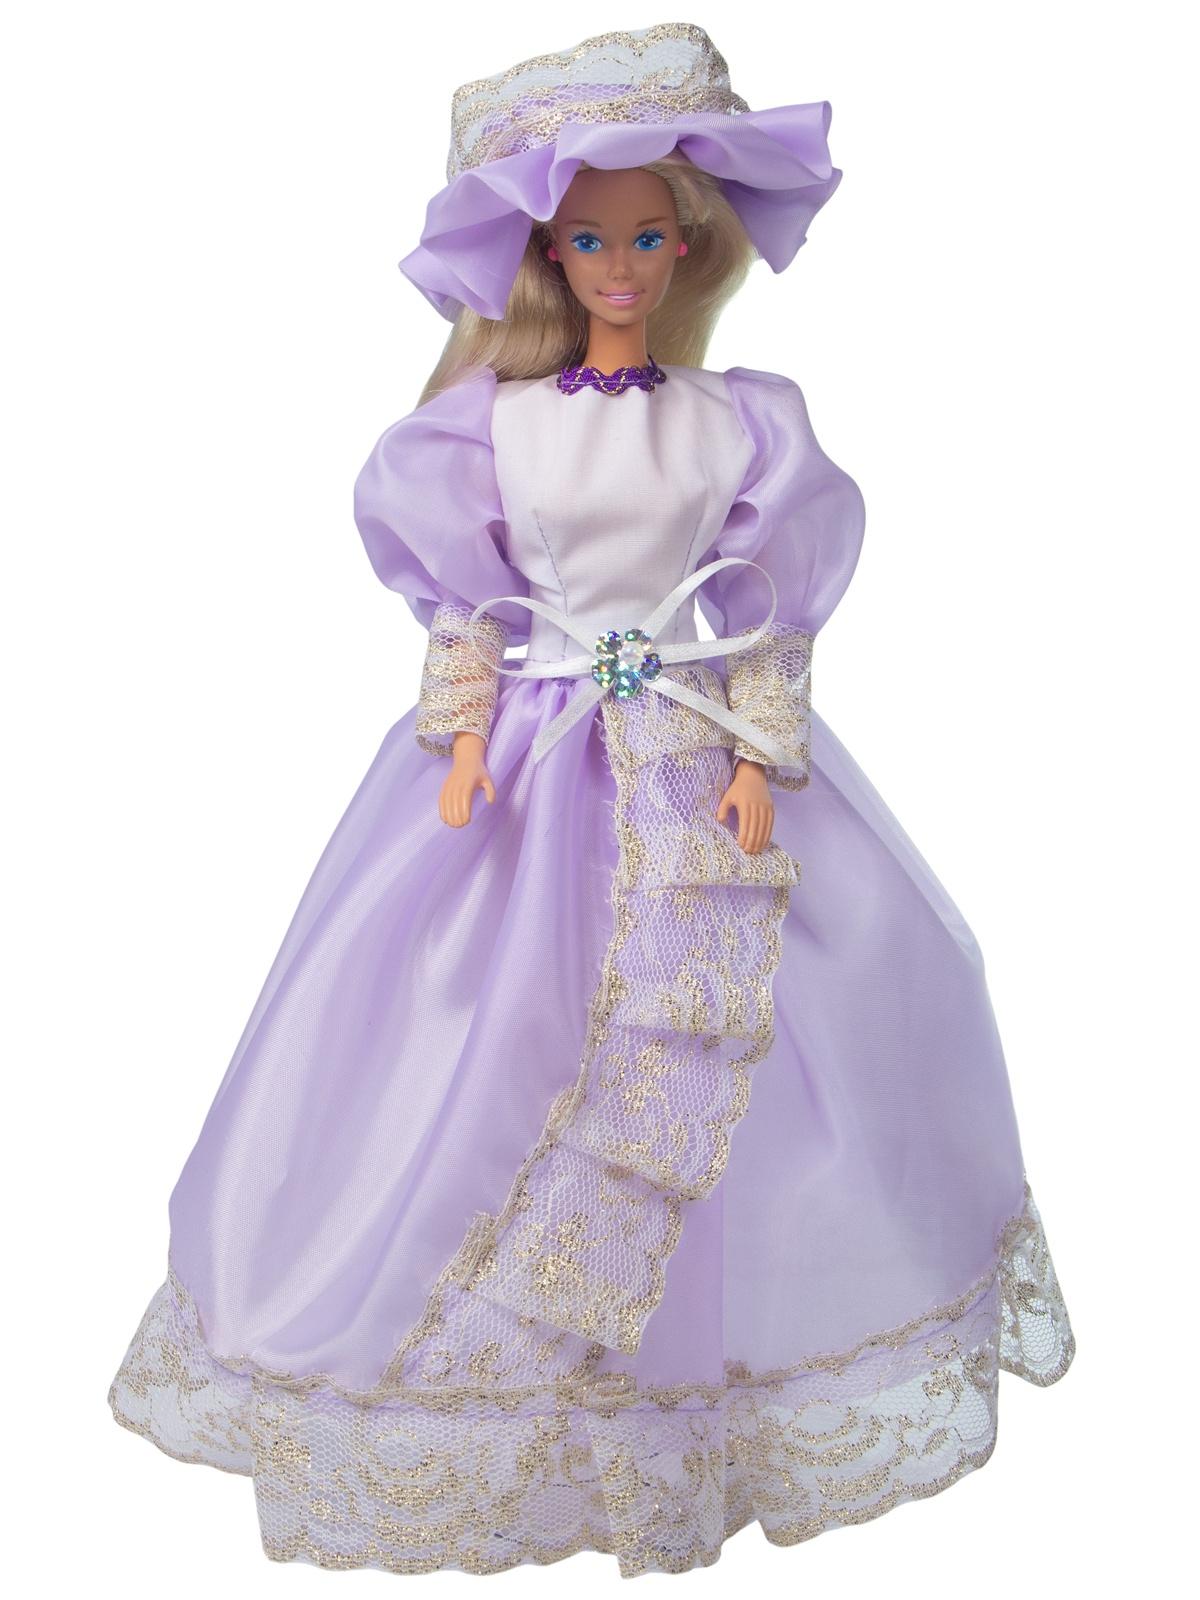 Одежда для кукол Модница Бальное платье для куклы 29 см сиреневый